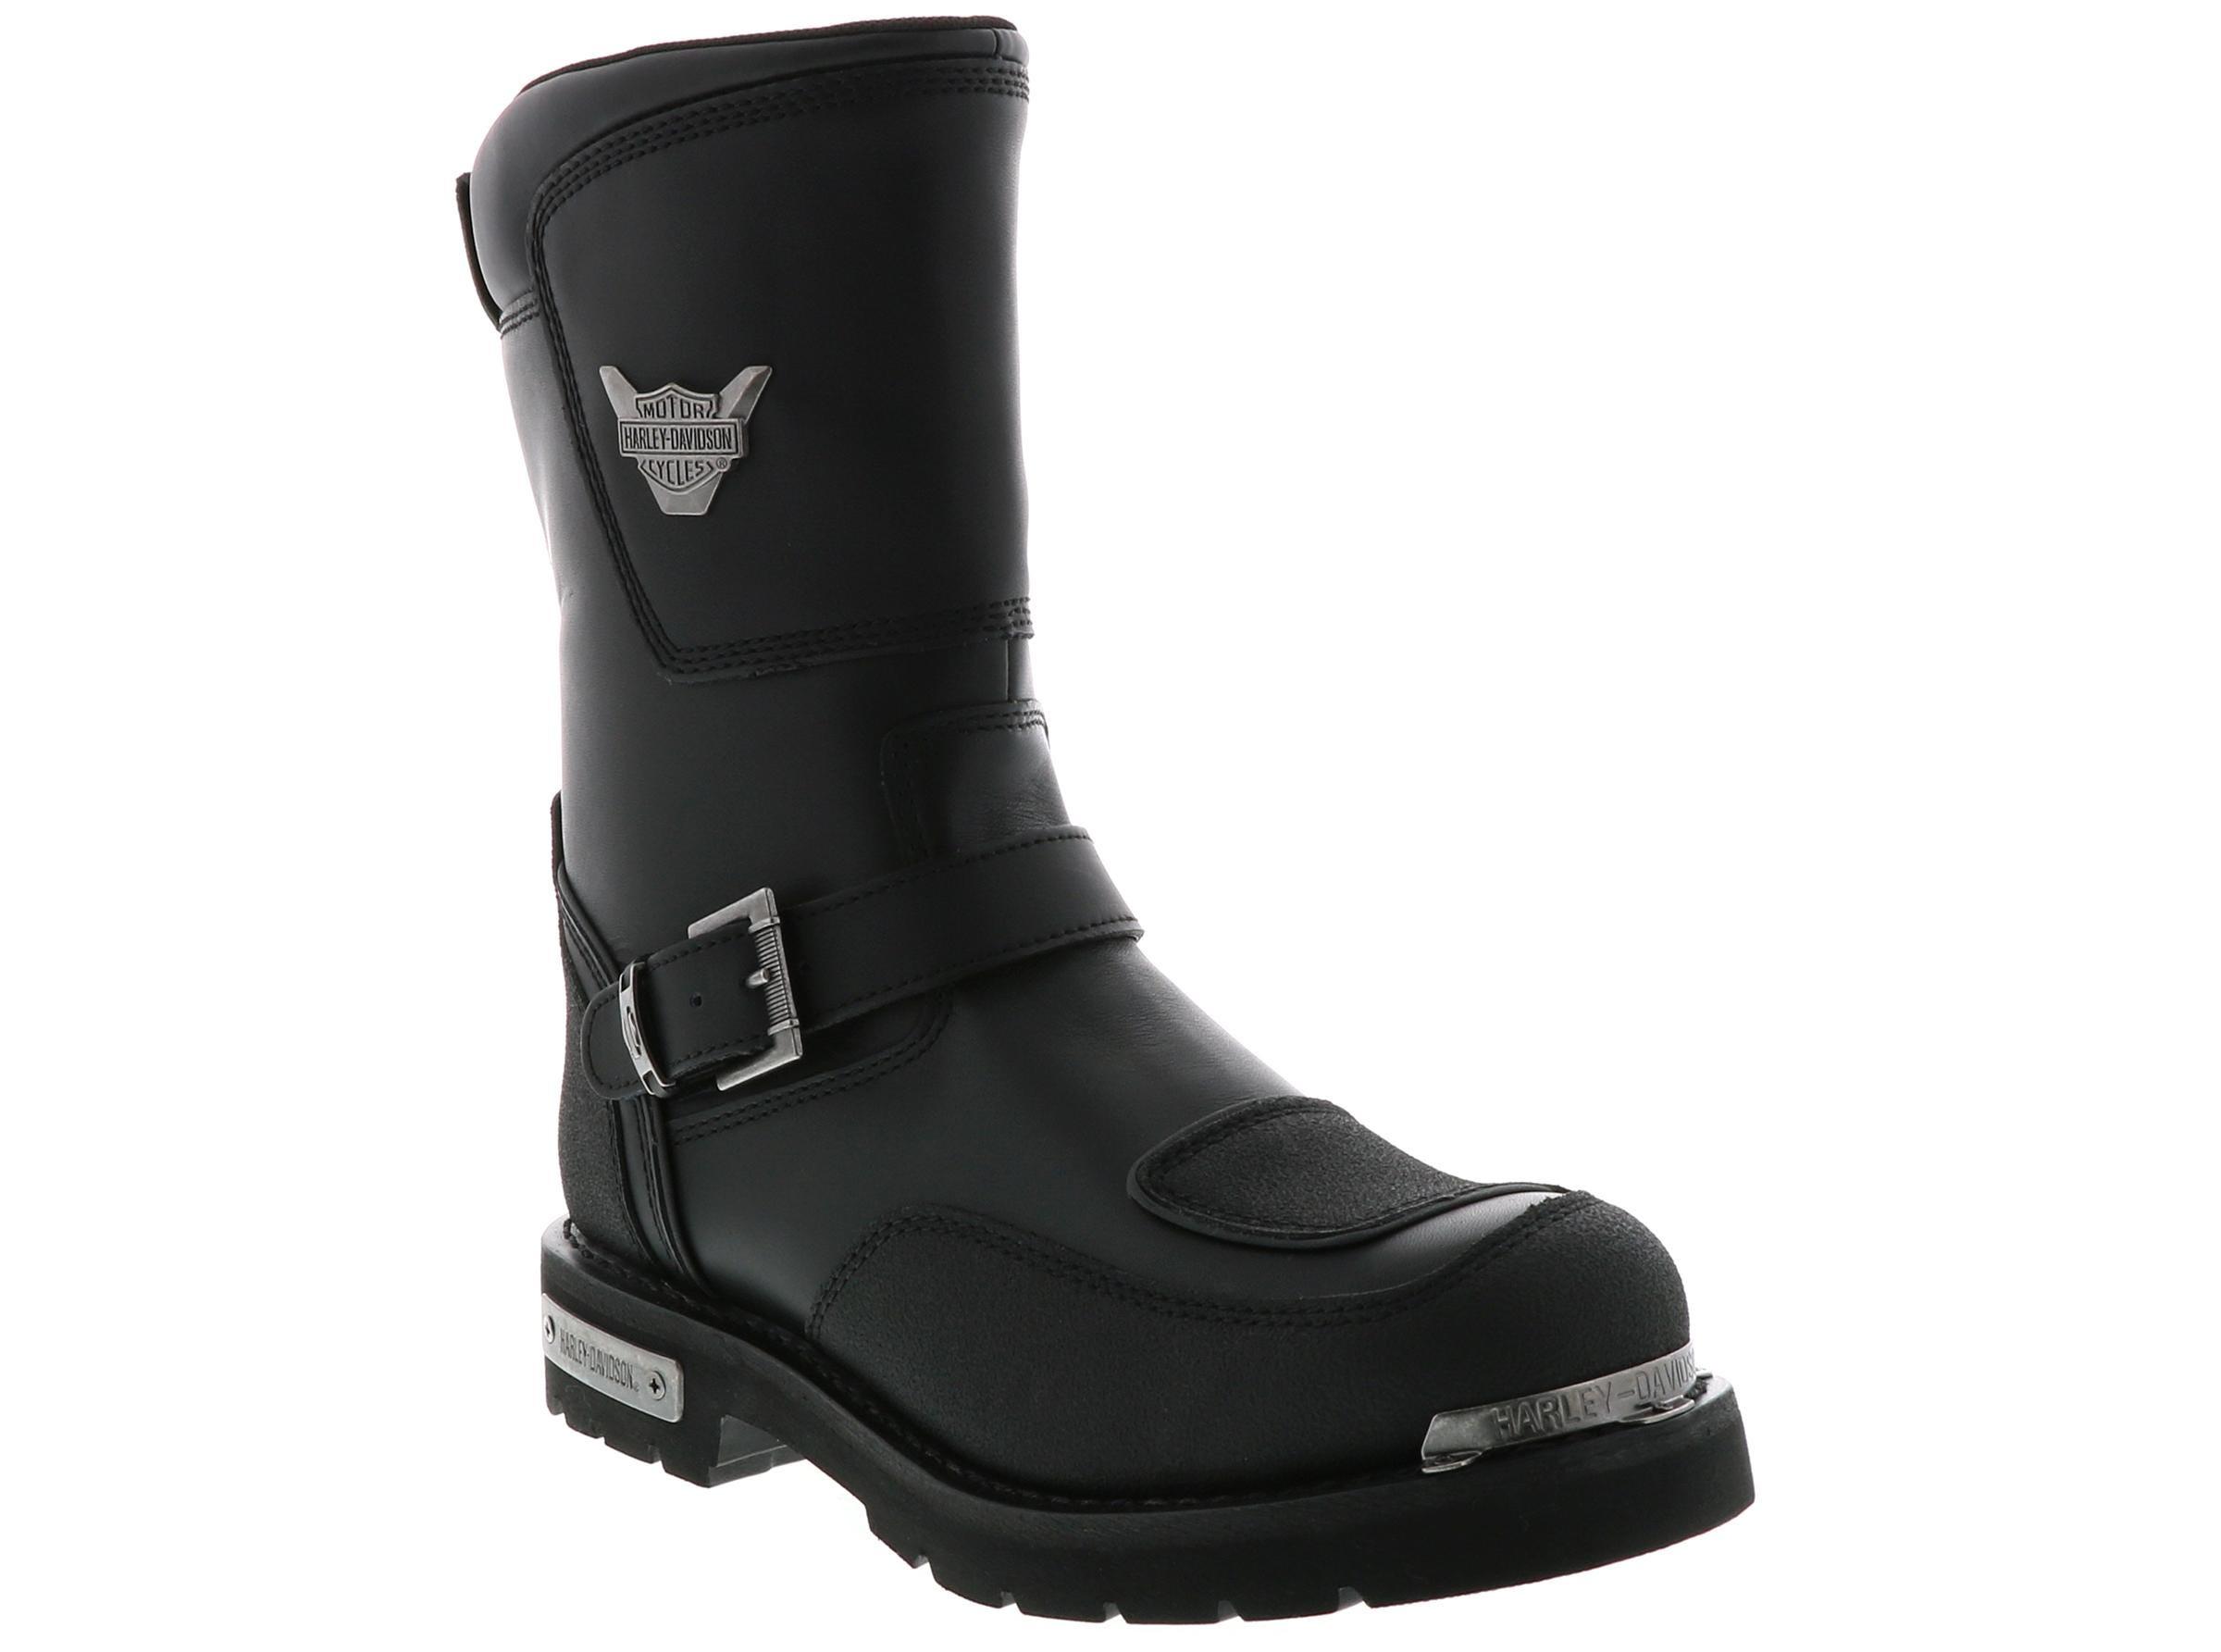 Harley Davidson Shift Men's Fashion Boot